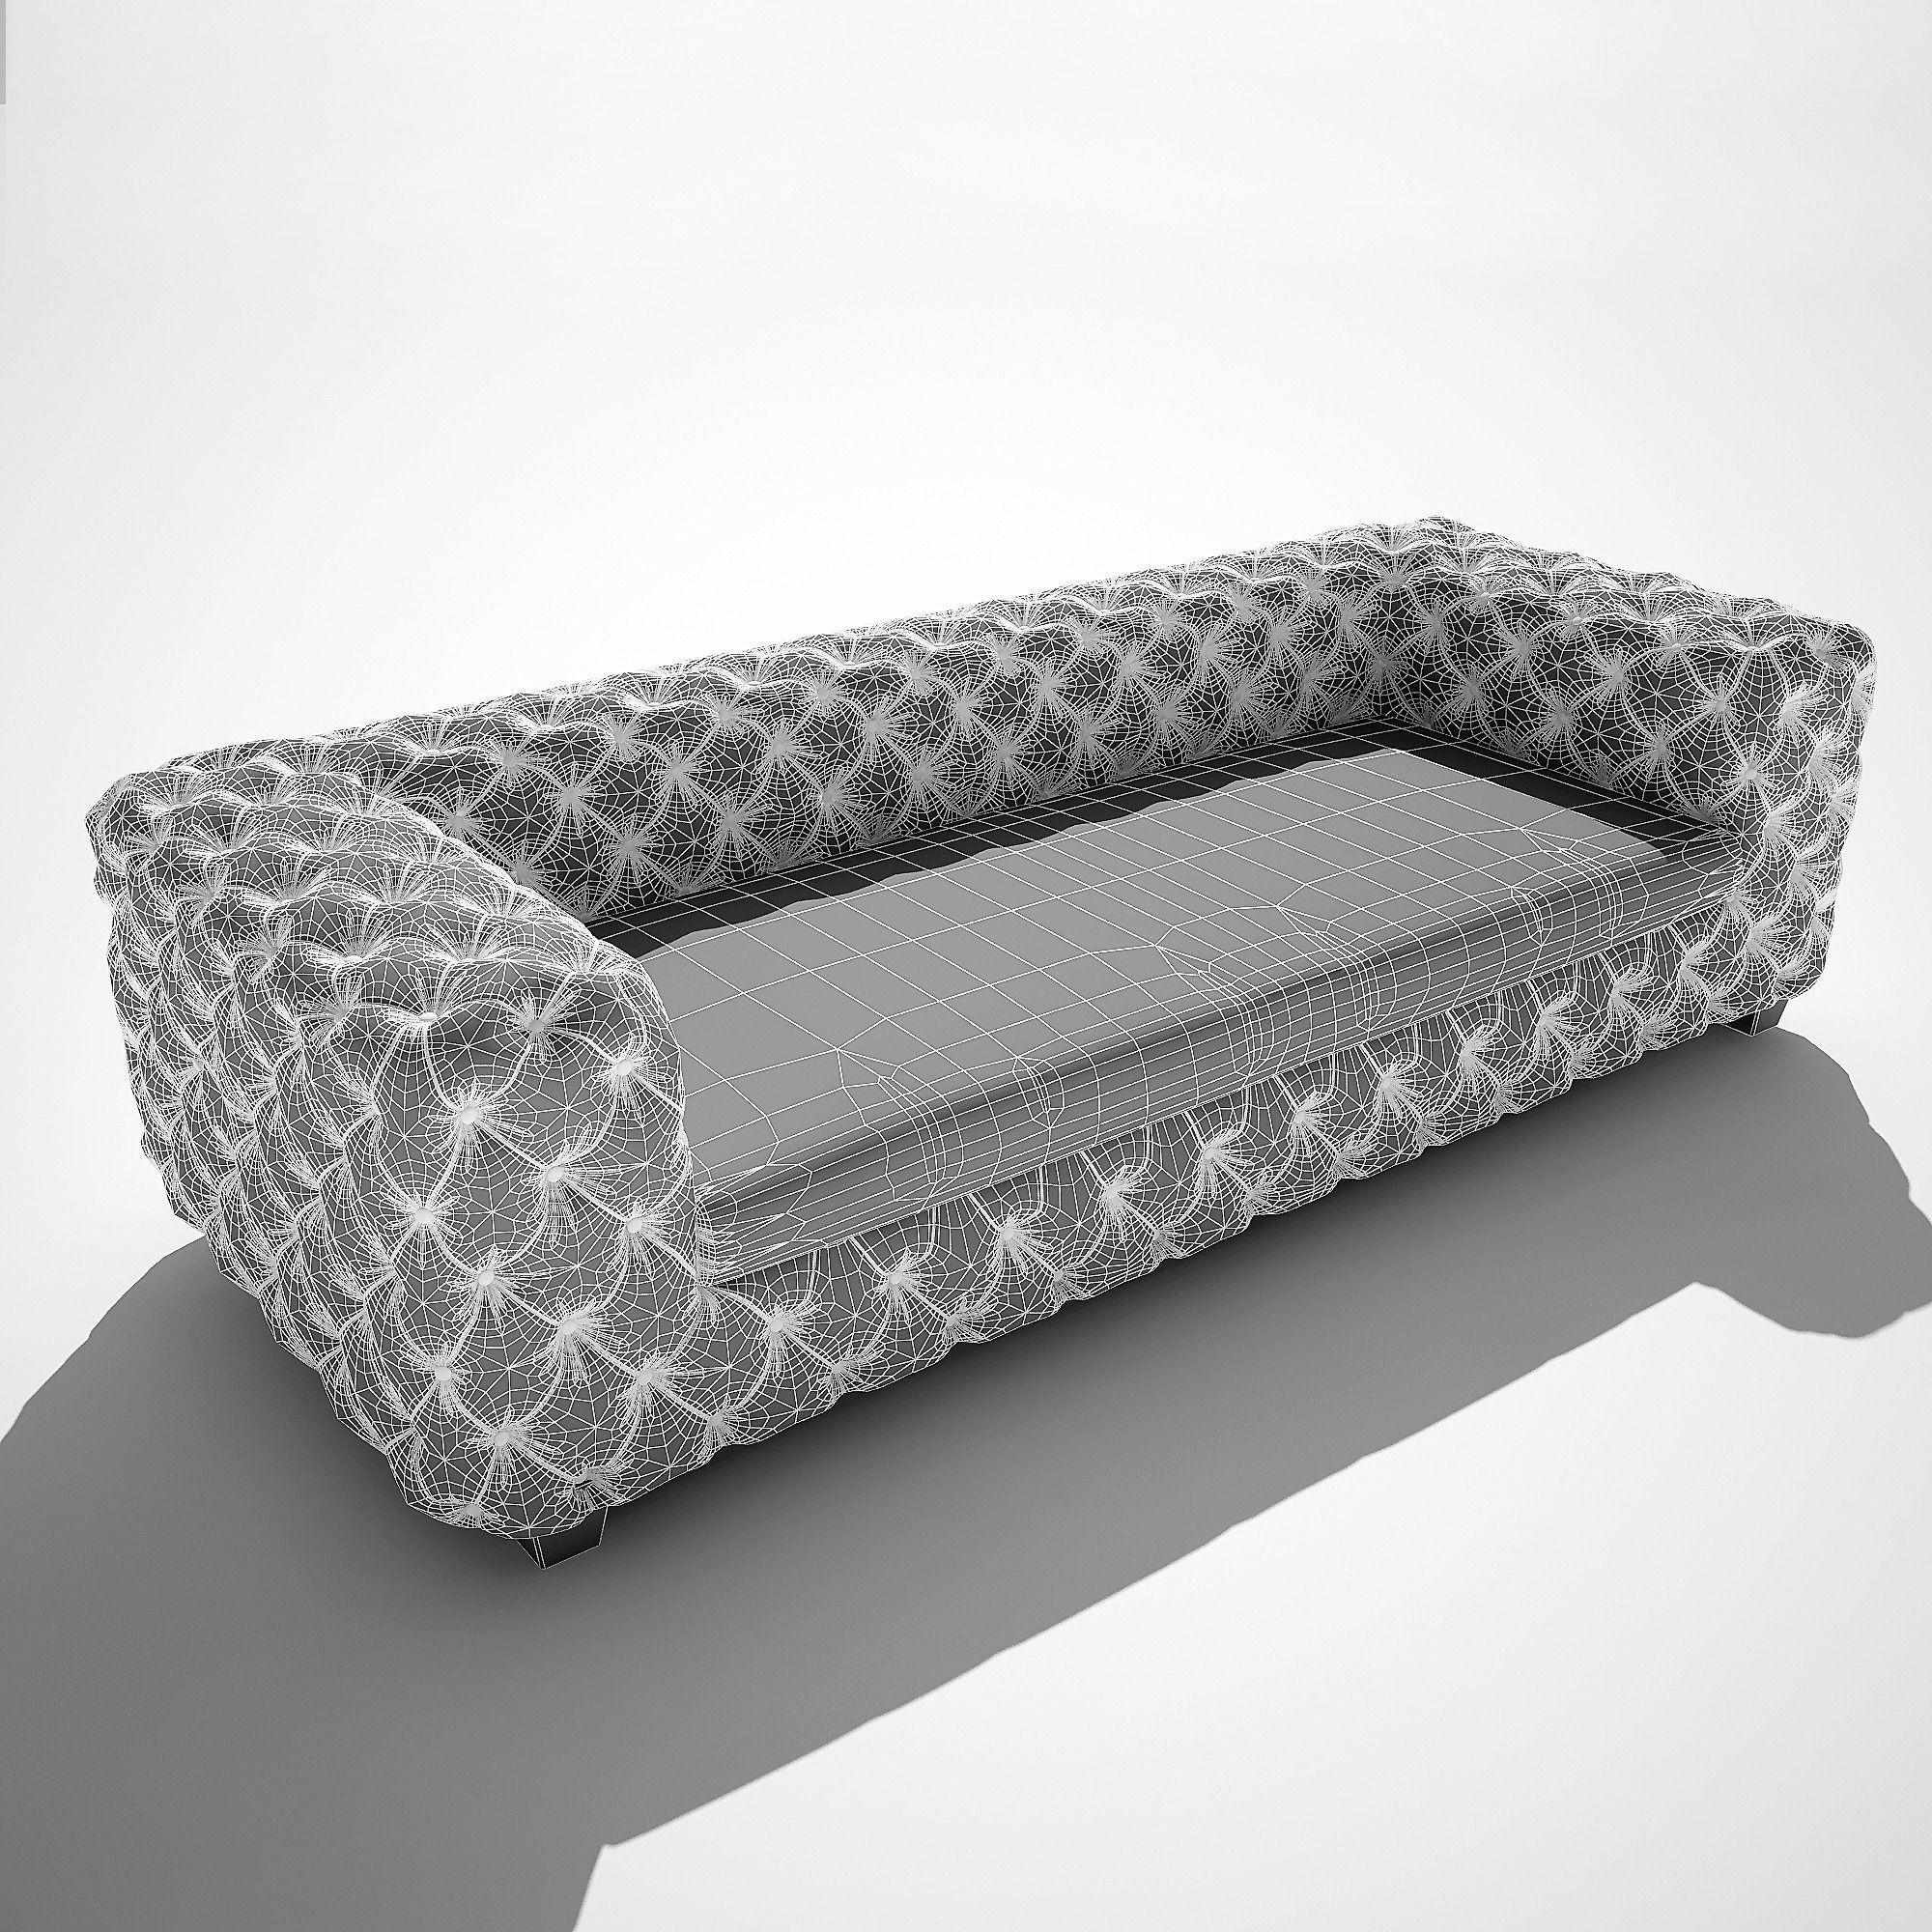 ... Sofa Desire Kare Design 3d Model Max Obj Fbx Mtl 8 ...